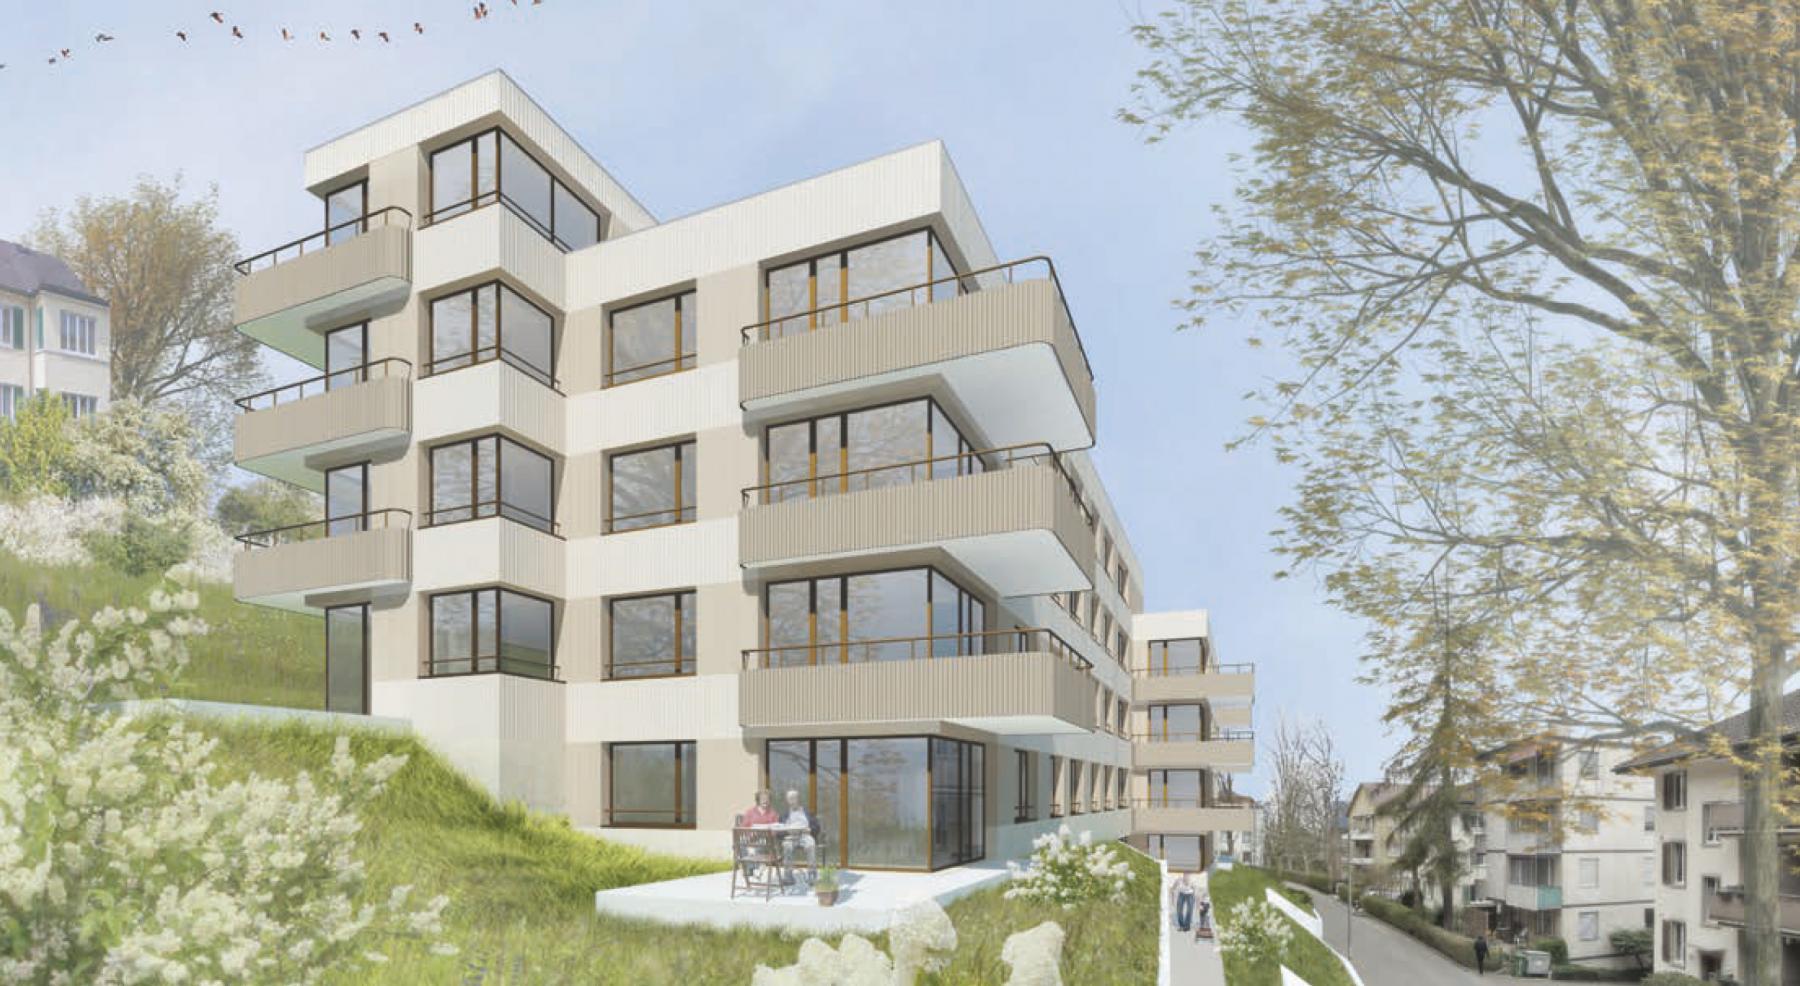 Ersatzneubau Wohnen Langgasse 69/71/73 in Winterthur, Andreas Zimmermann Architekten, carambar